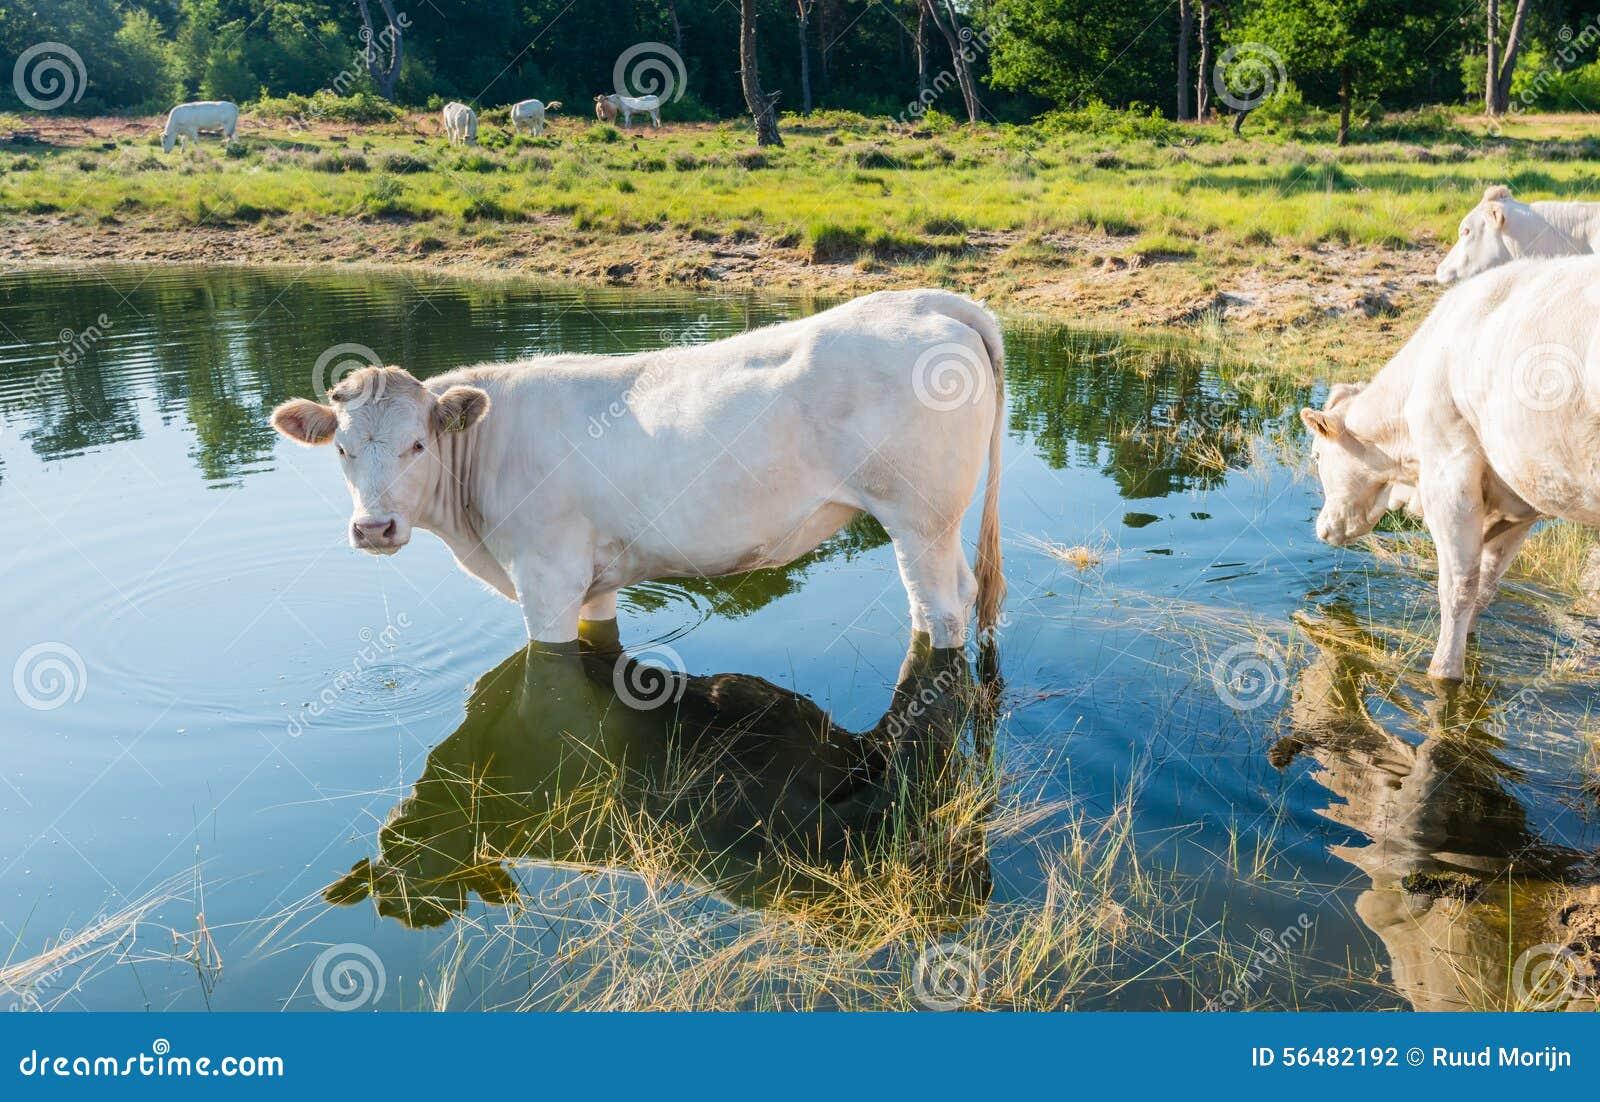 Vache blanche se tenant dans l eau